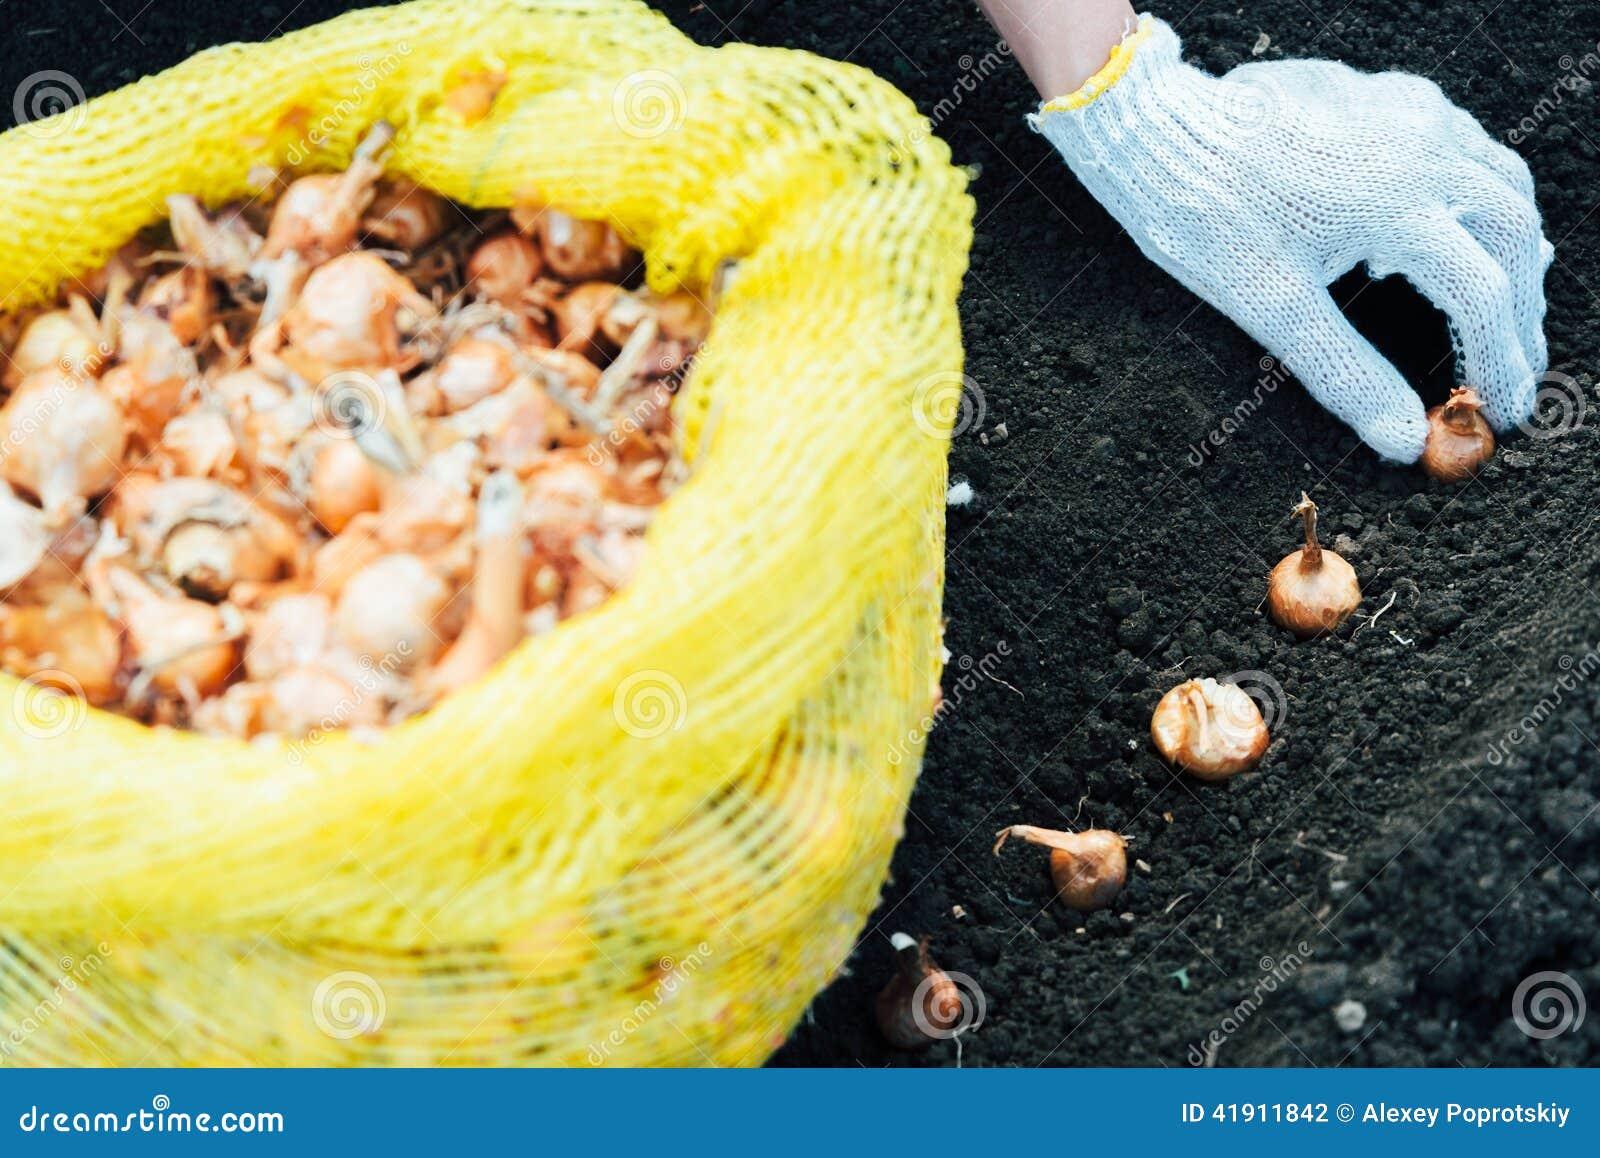 O jardineiro está plantando plântulas da cebola